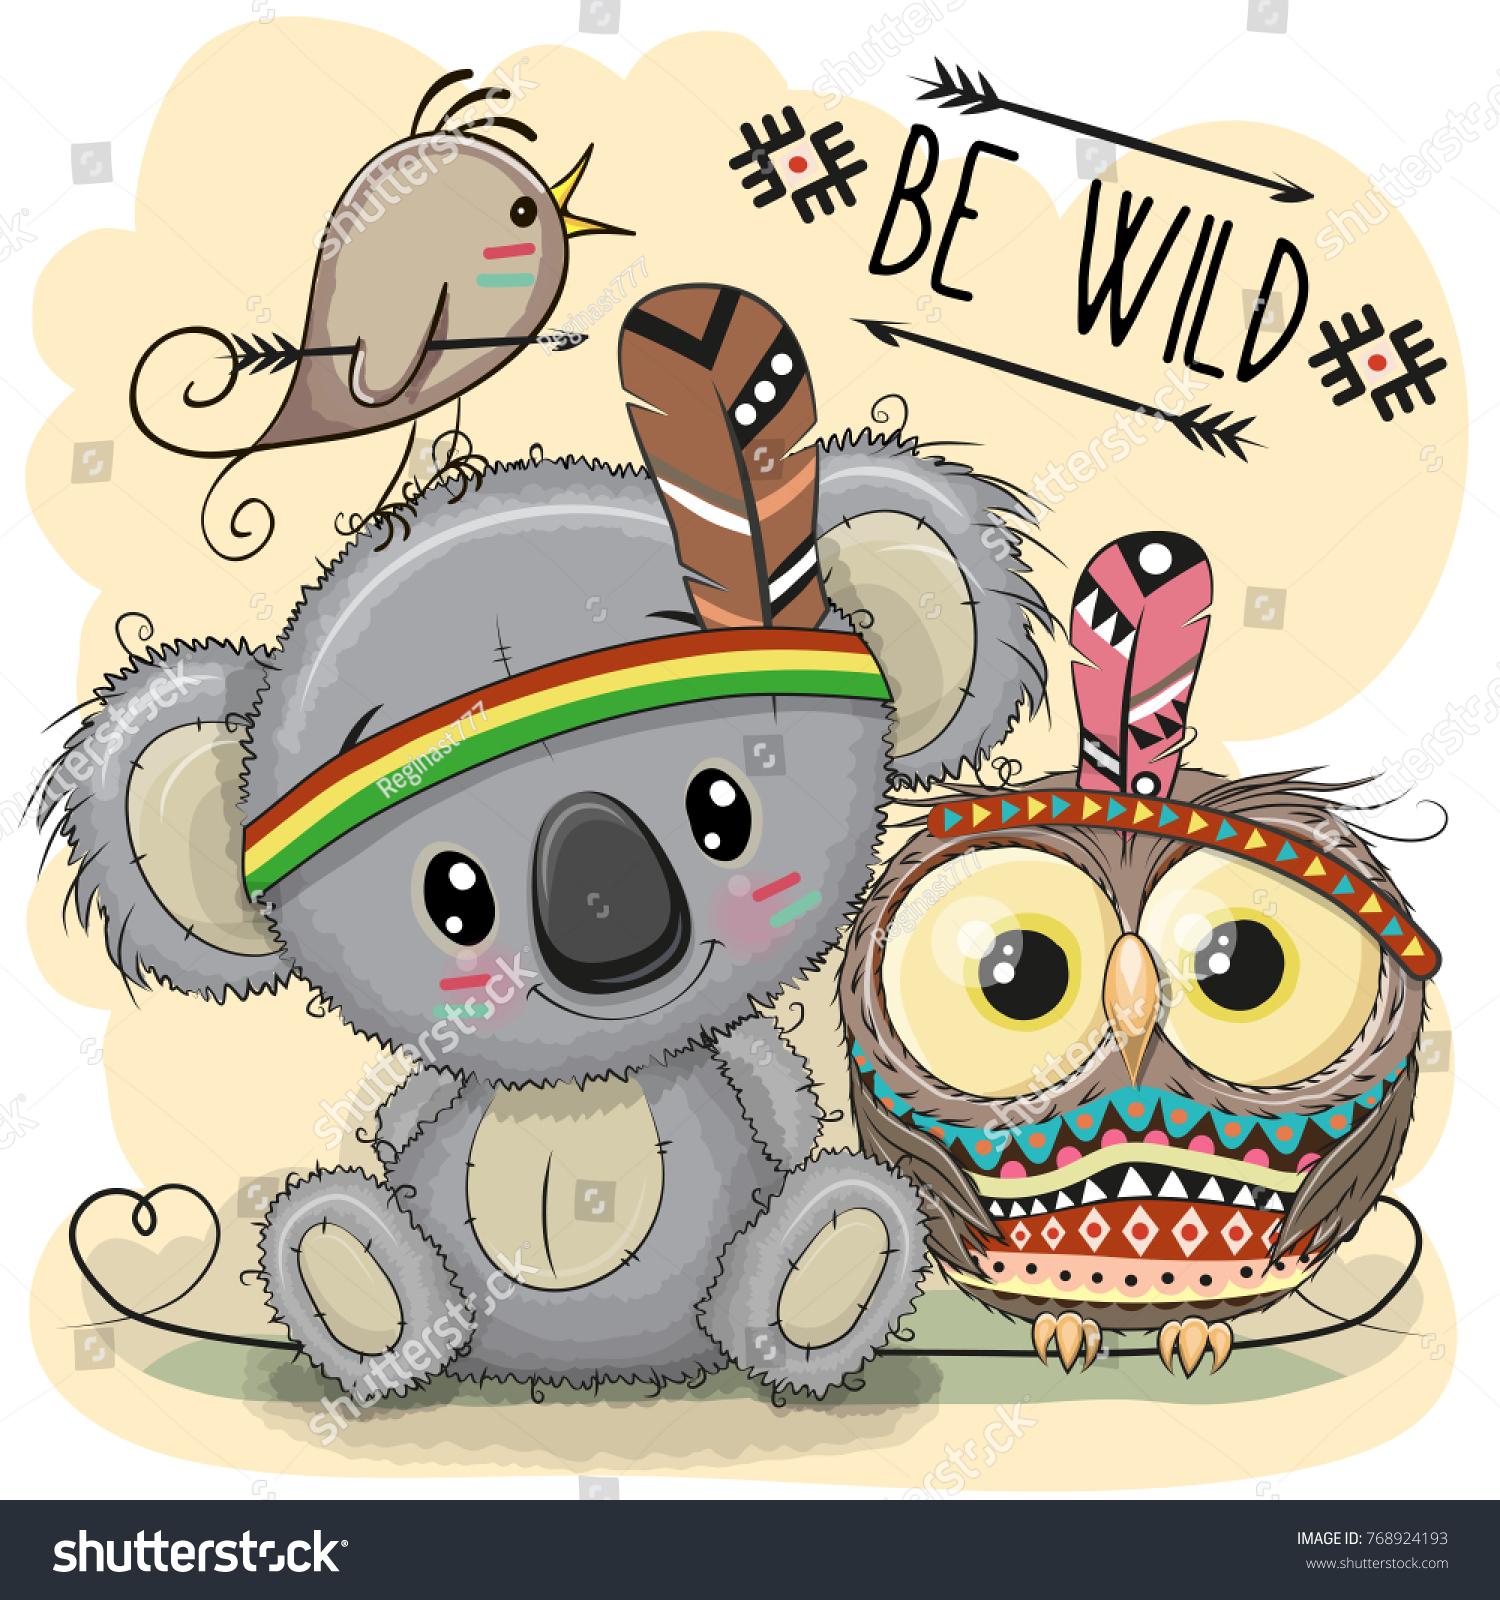 Image Vectorielle De Stock De Koala Une Jolie Tribu De